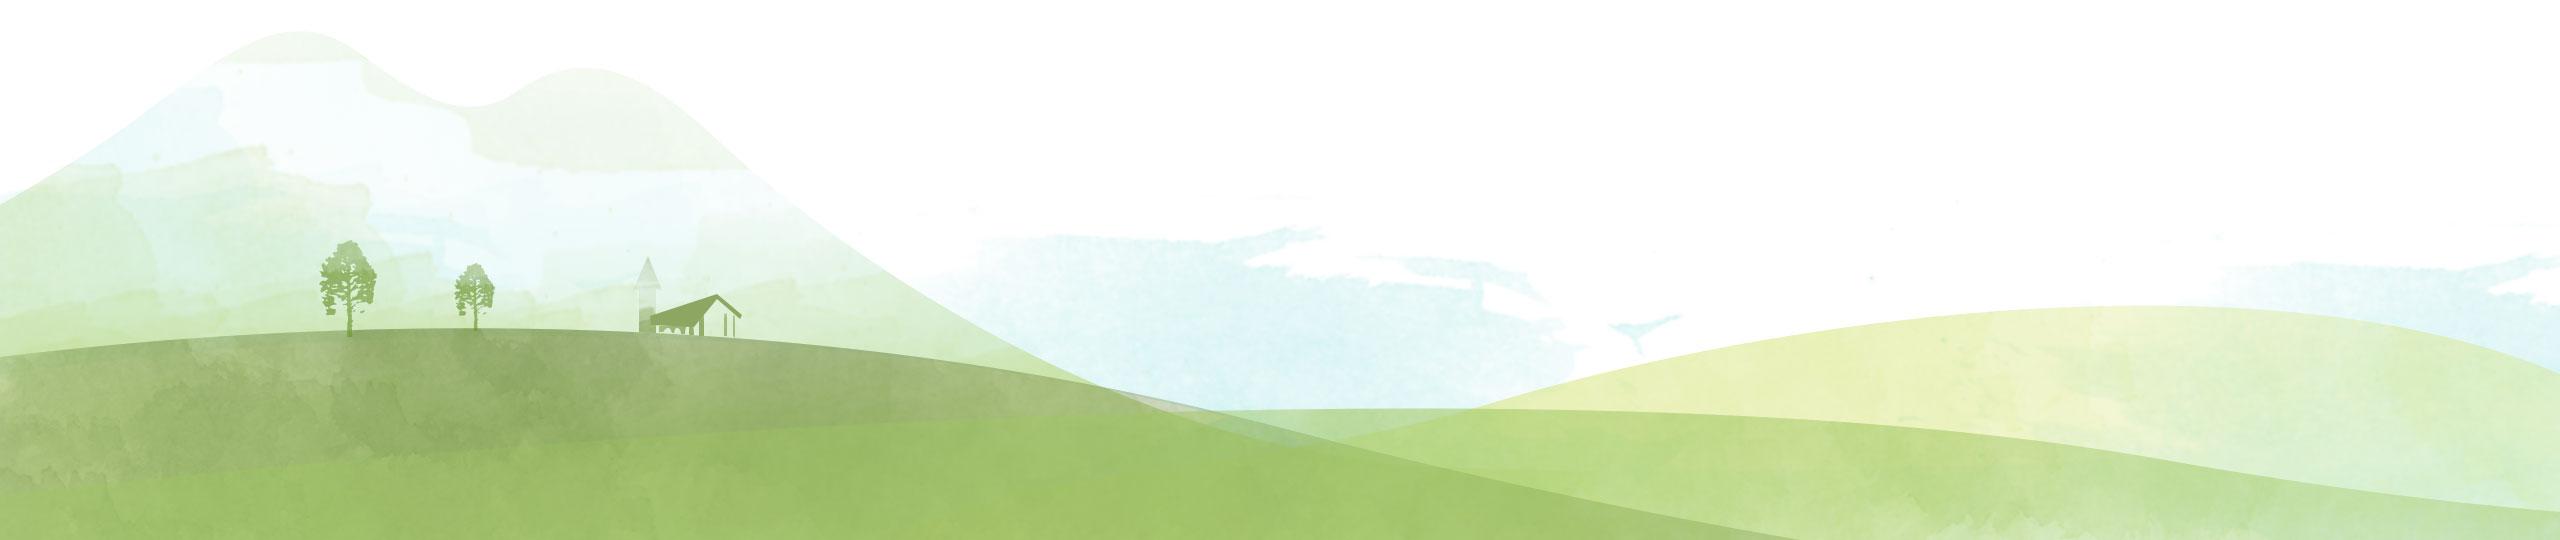 Illustration of Hatton mountains